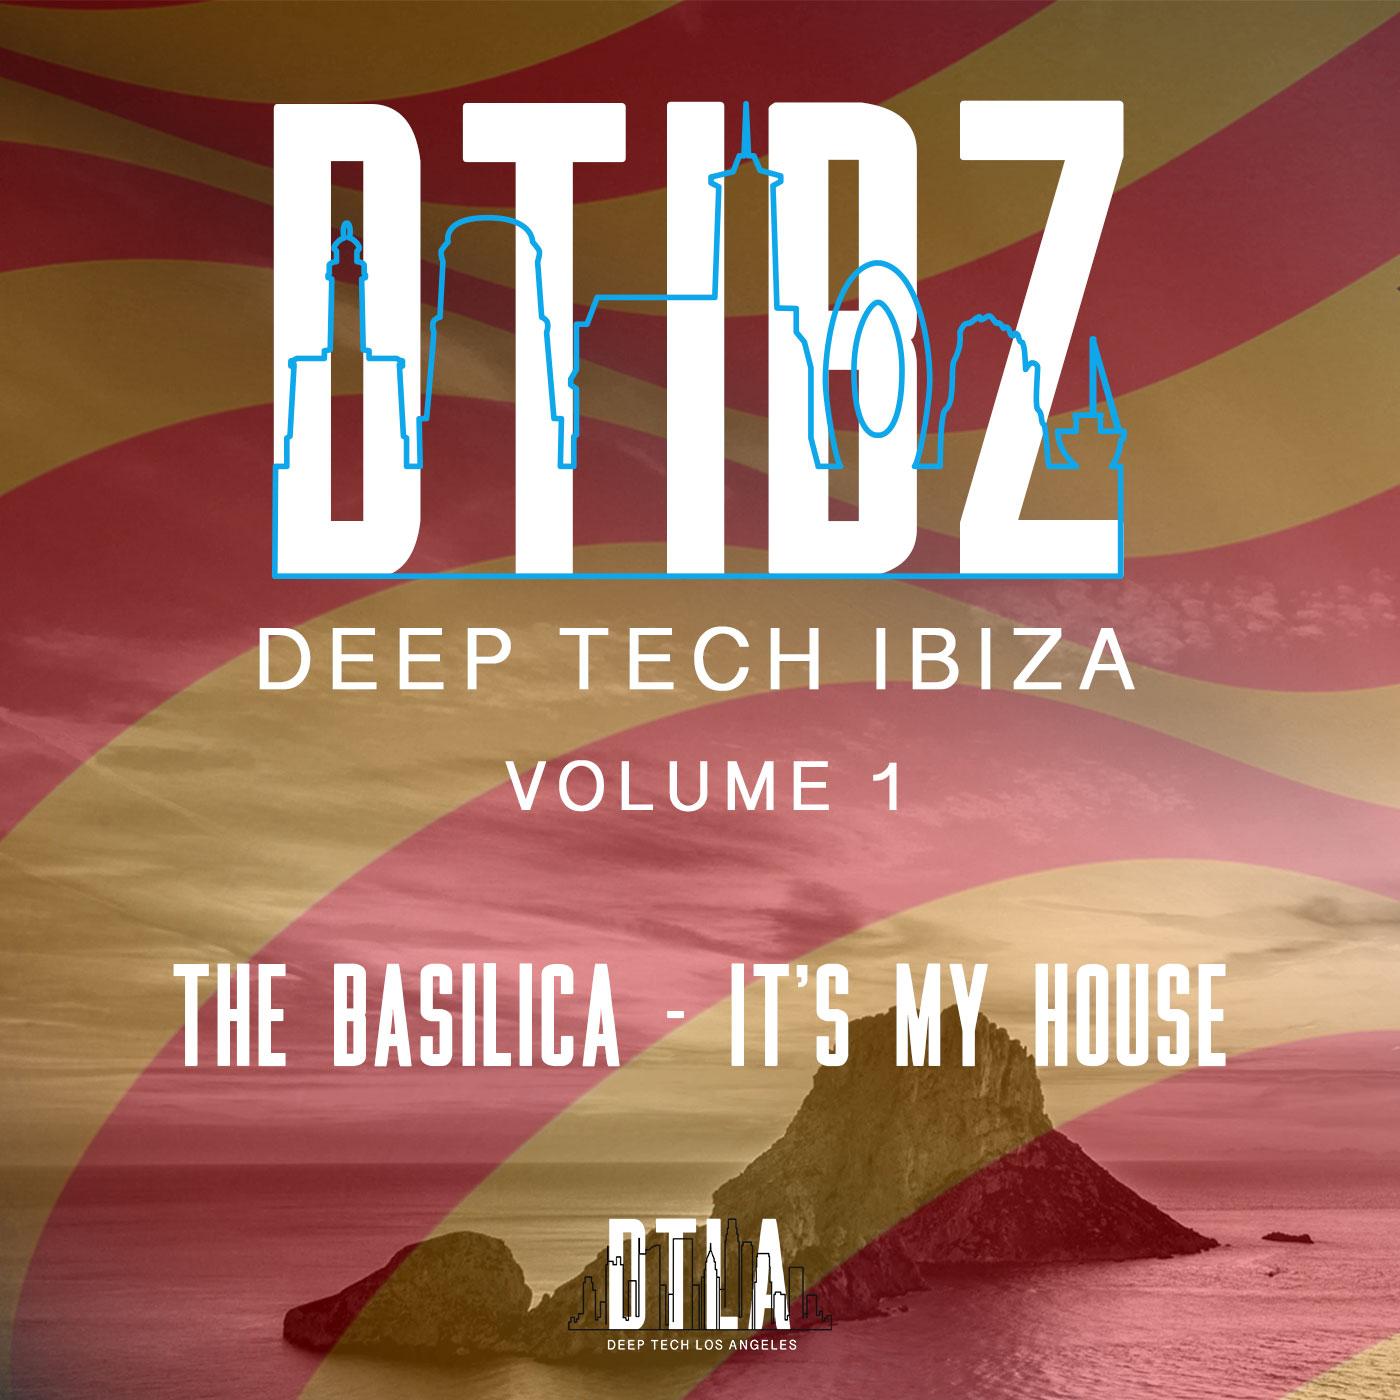 Deep Tech LA - It's My House